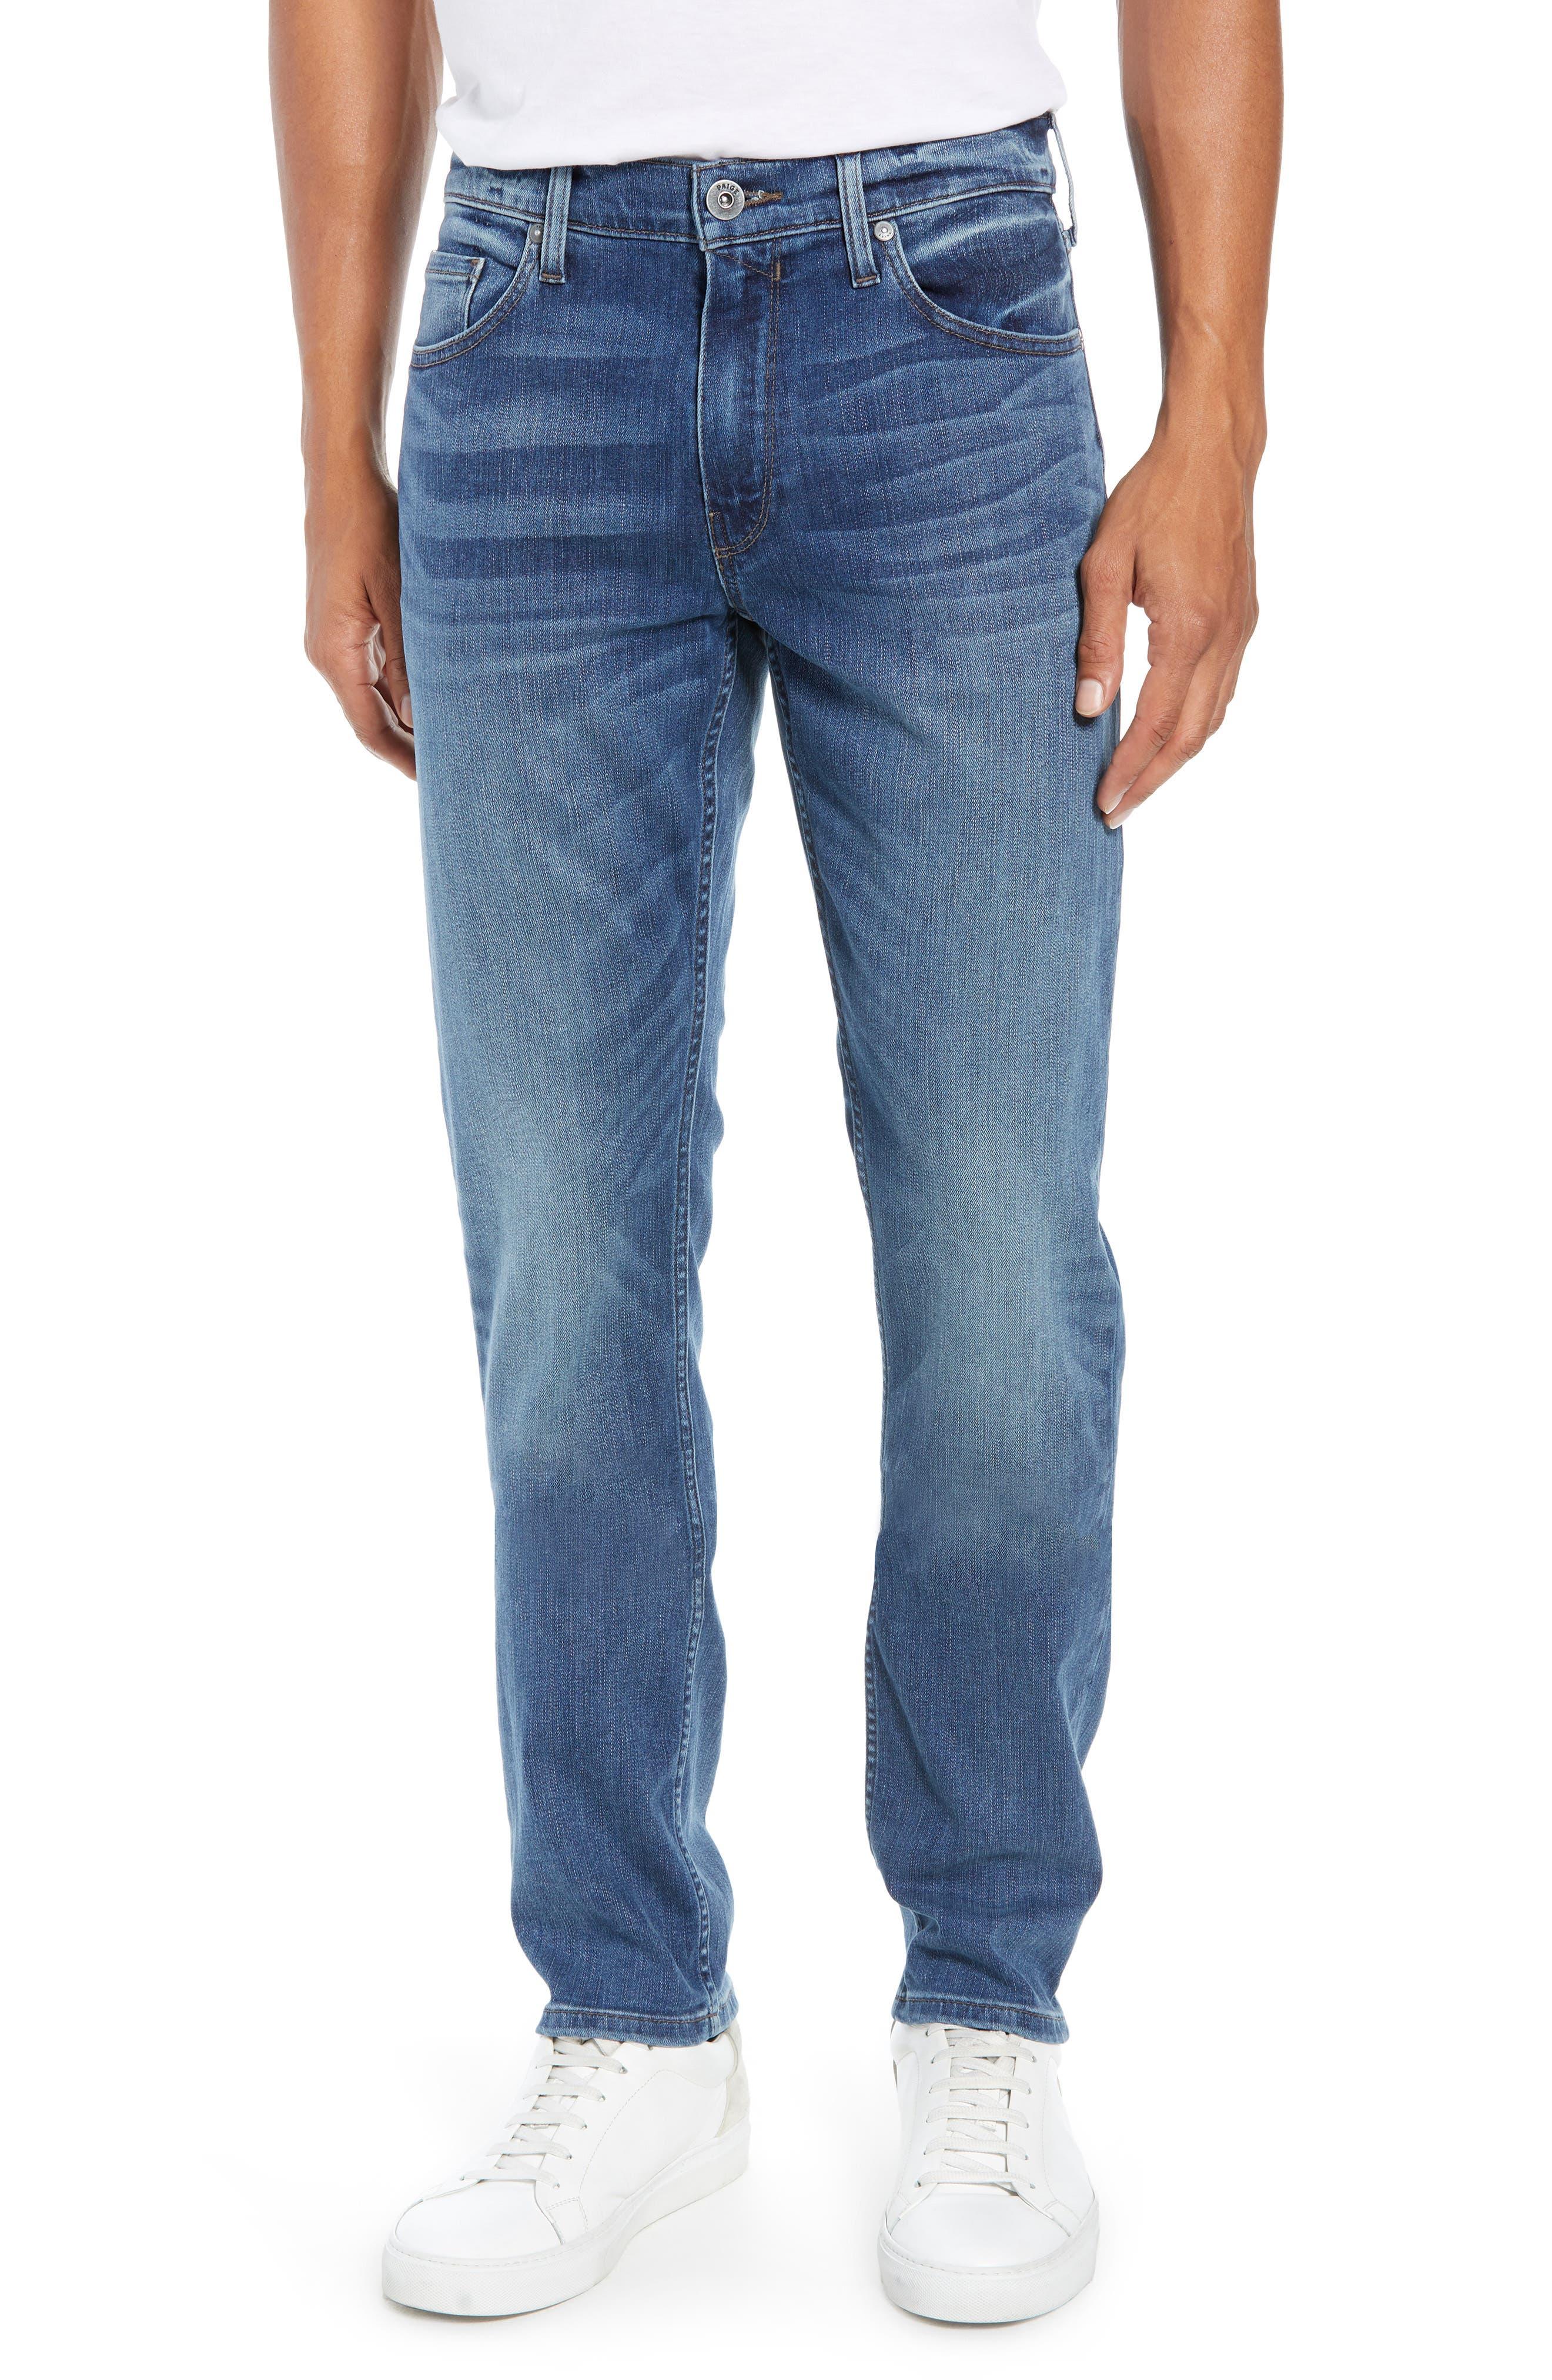 Transcend Vintage - Lennox Slim Fit Jeans,                             Main thumbnail 1, color,                             400